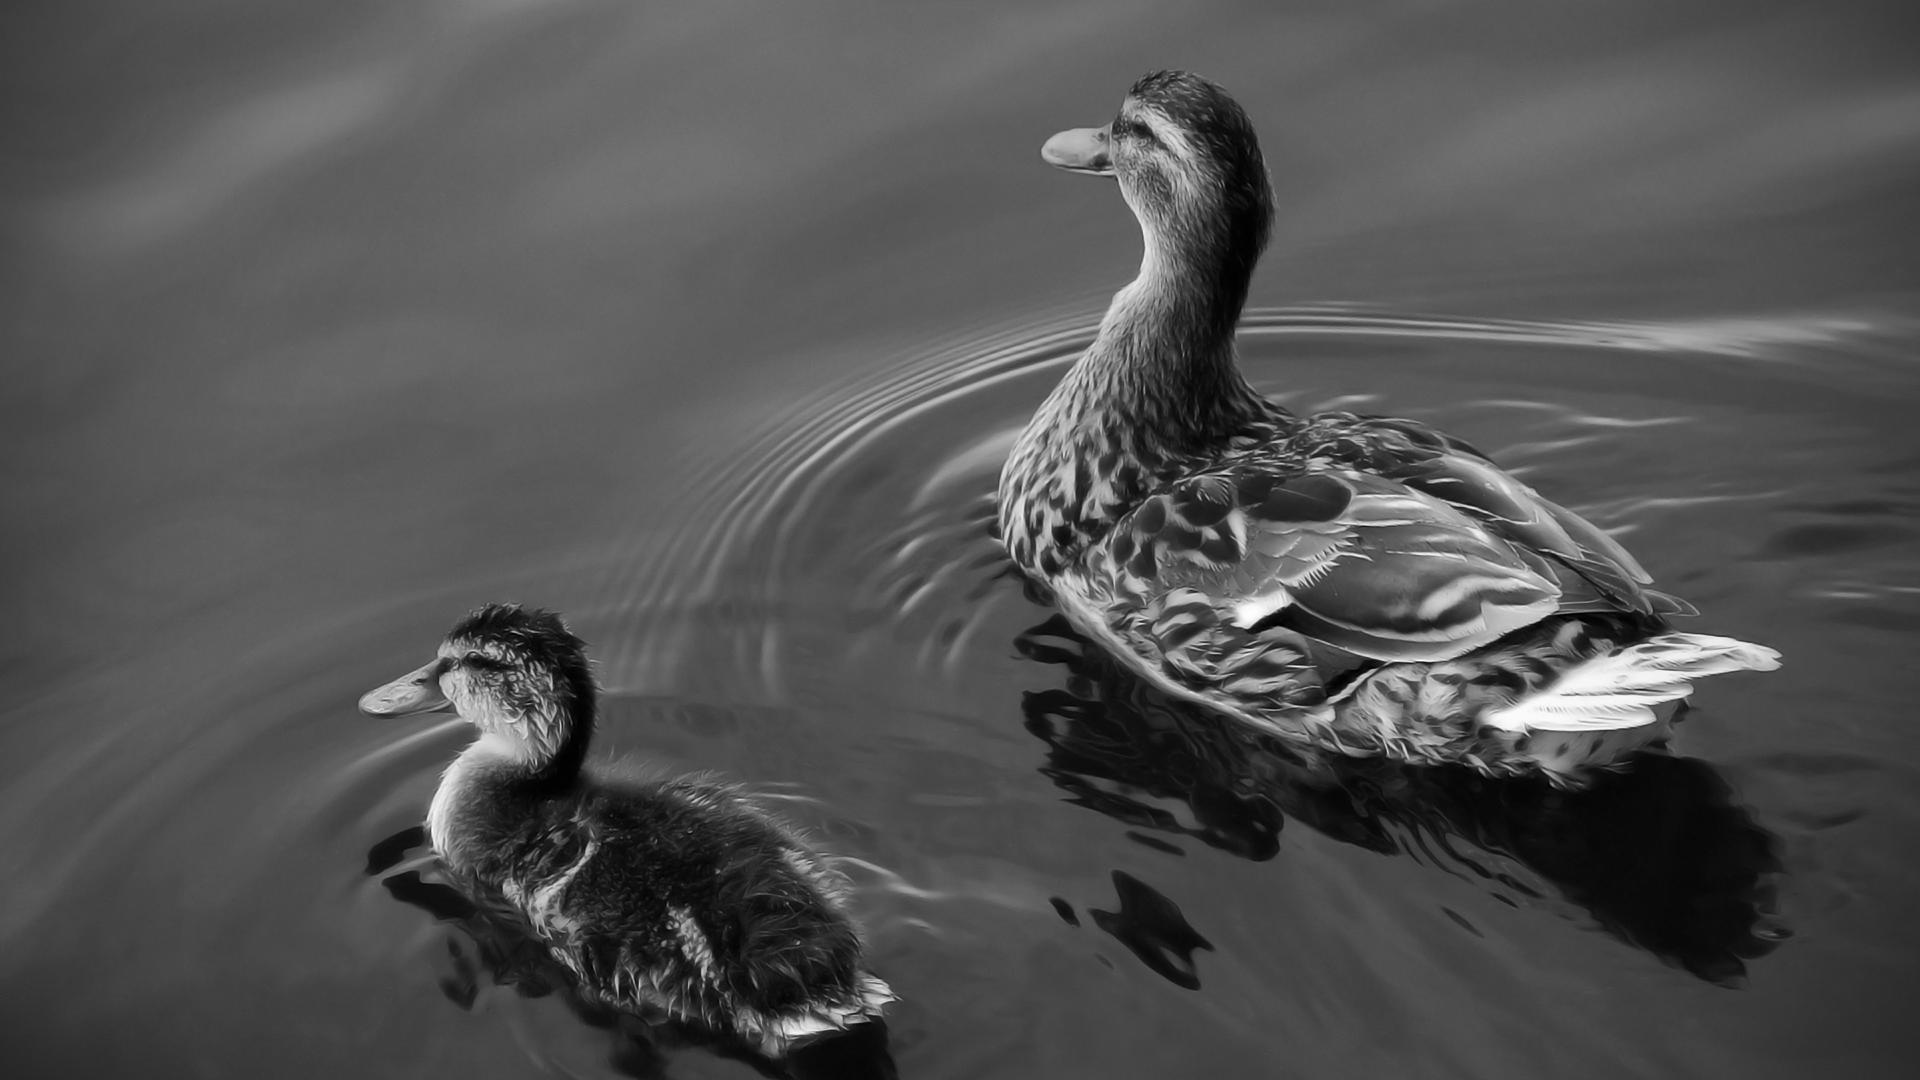 Pareja de patos en blanco y negro 1920x1080 fondo de for Fondo de pantalla blanco y negro